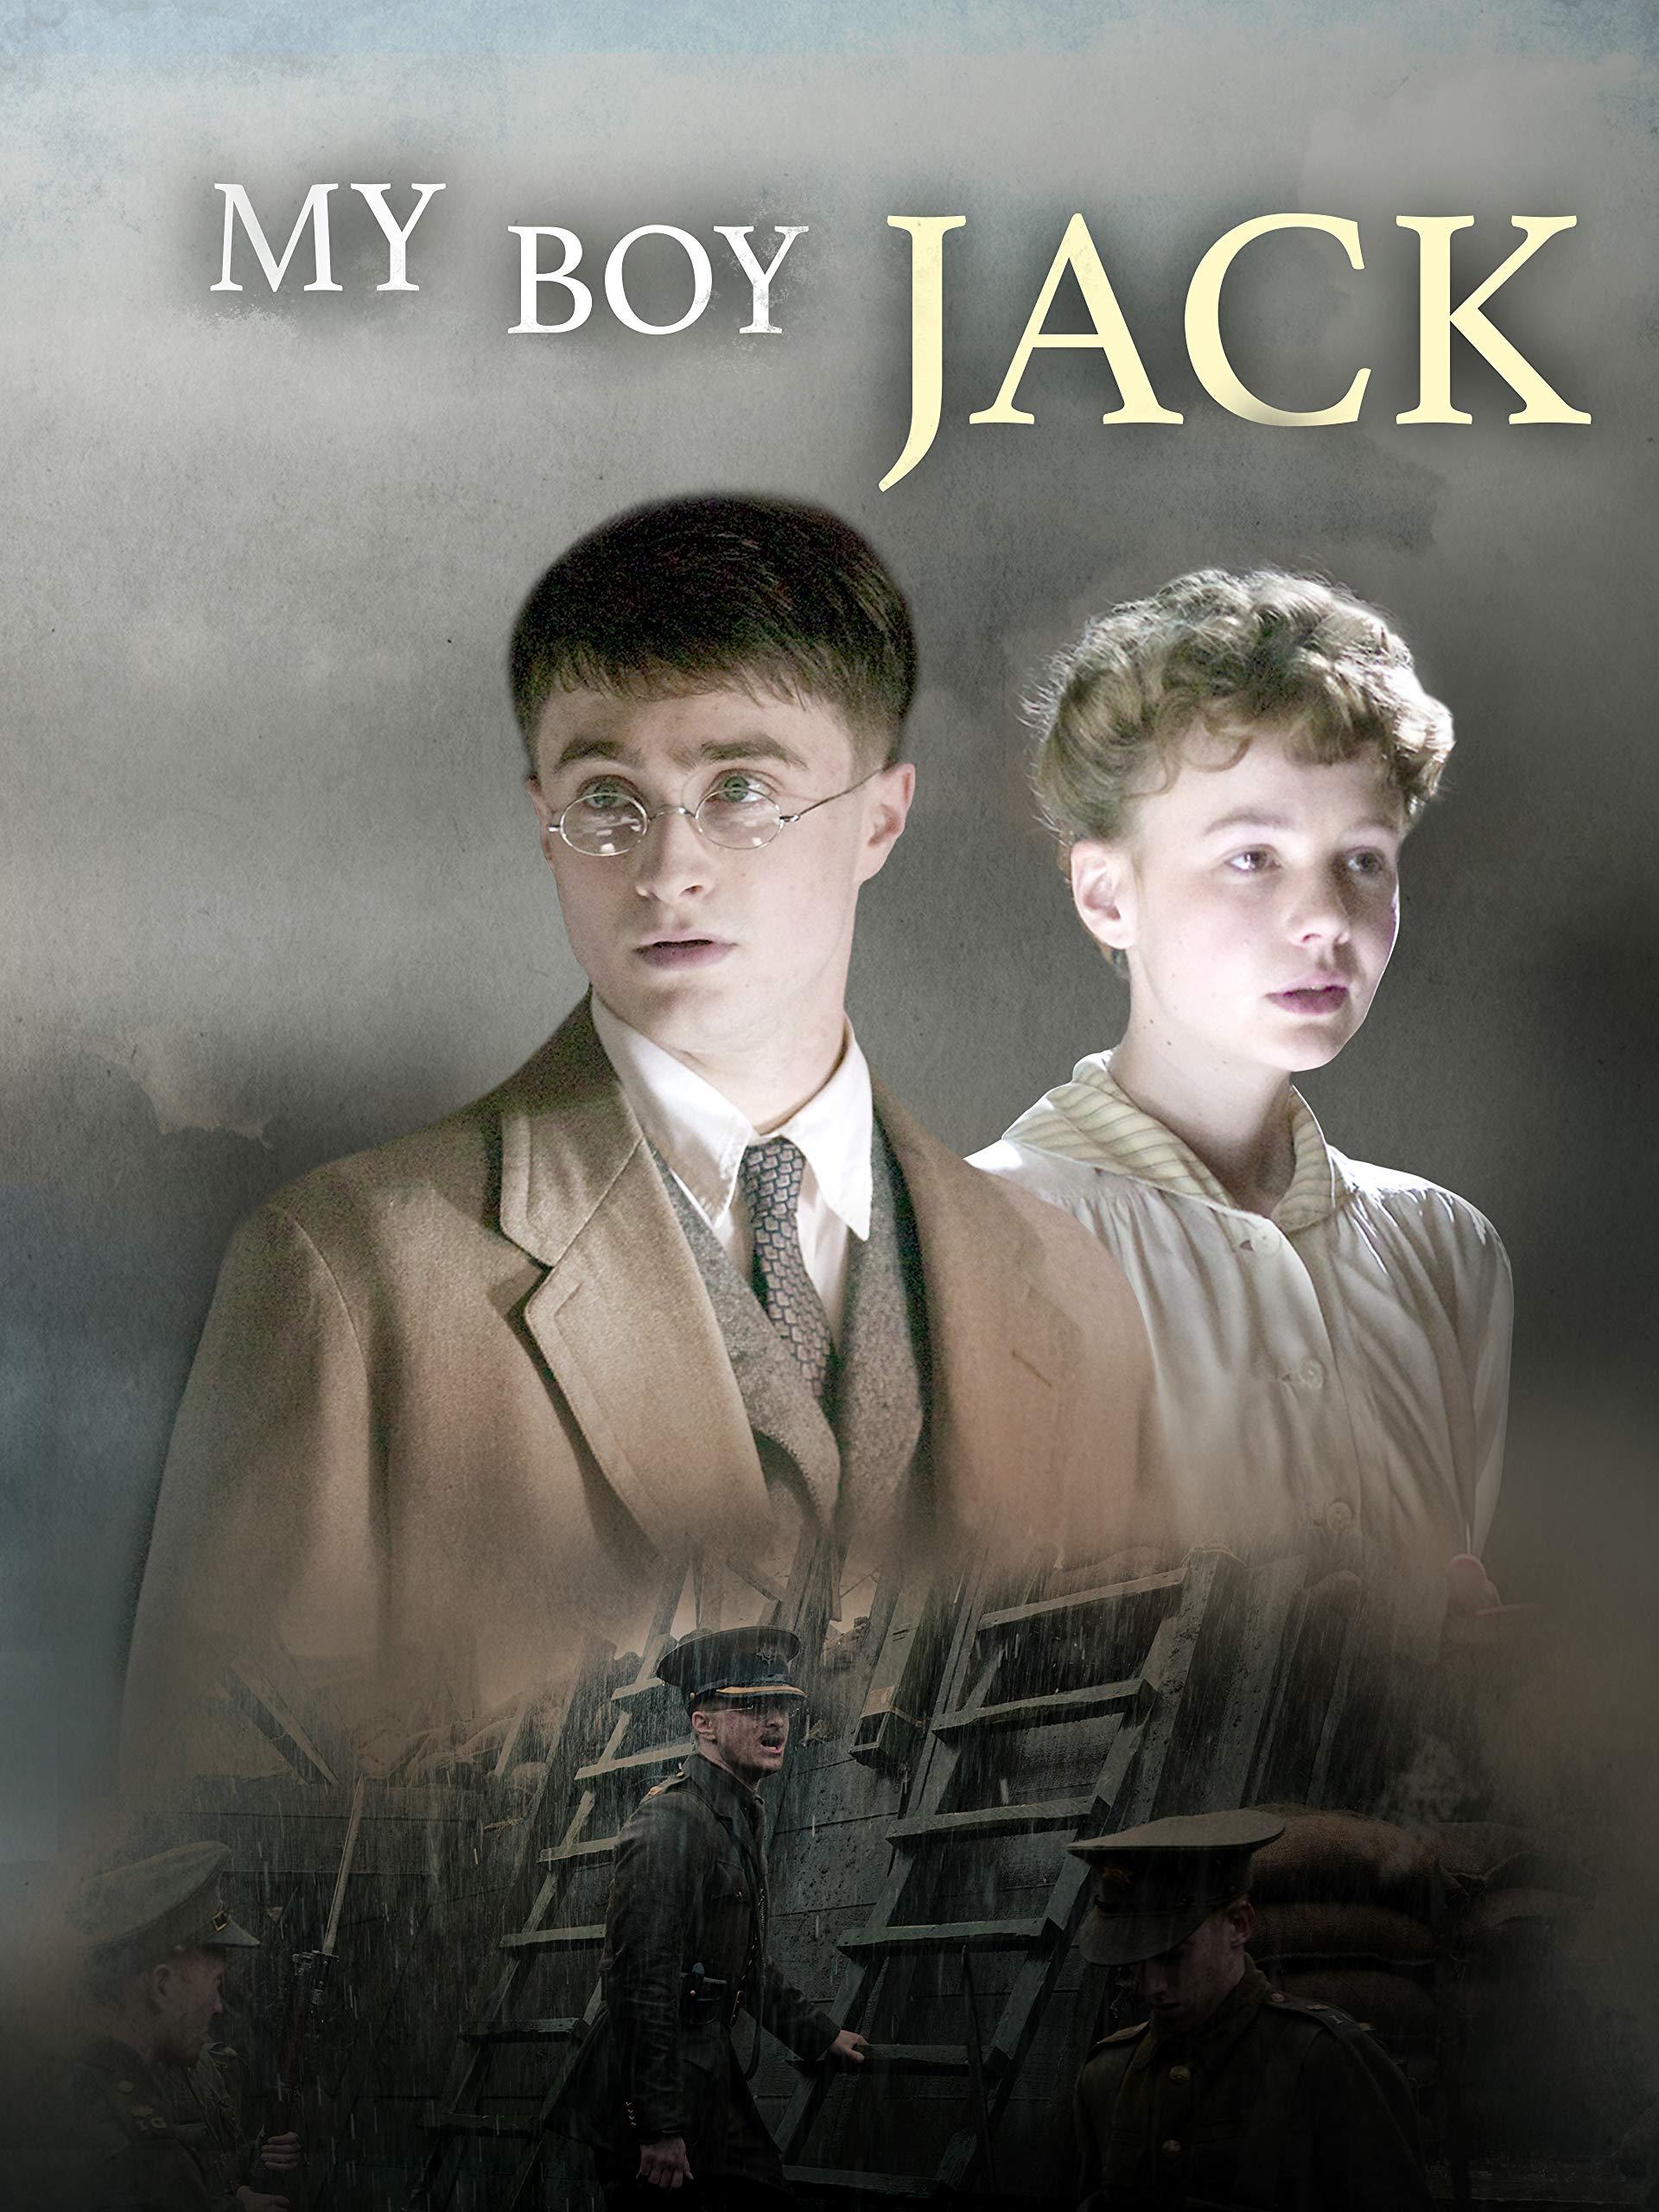 ჩემი ბიჭი ჯეკი